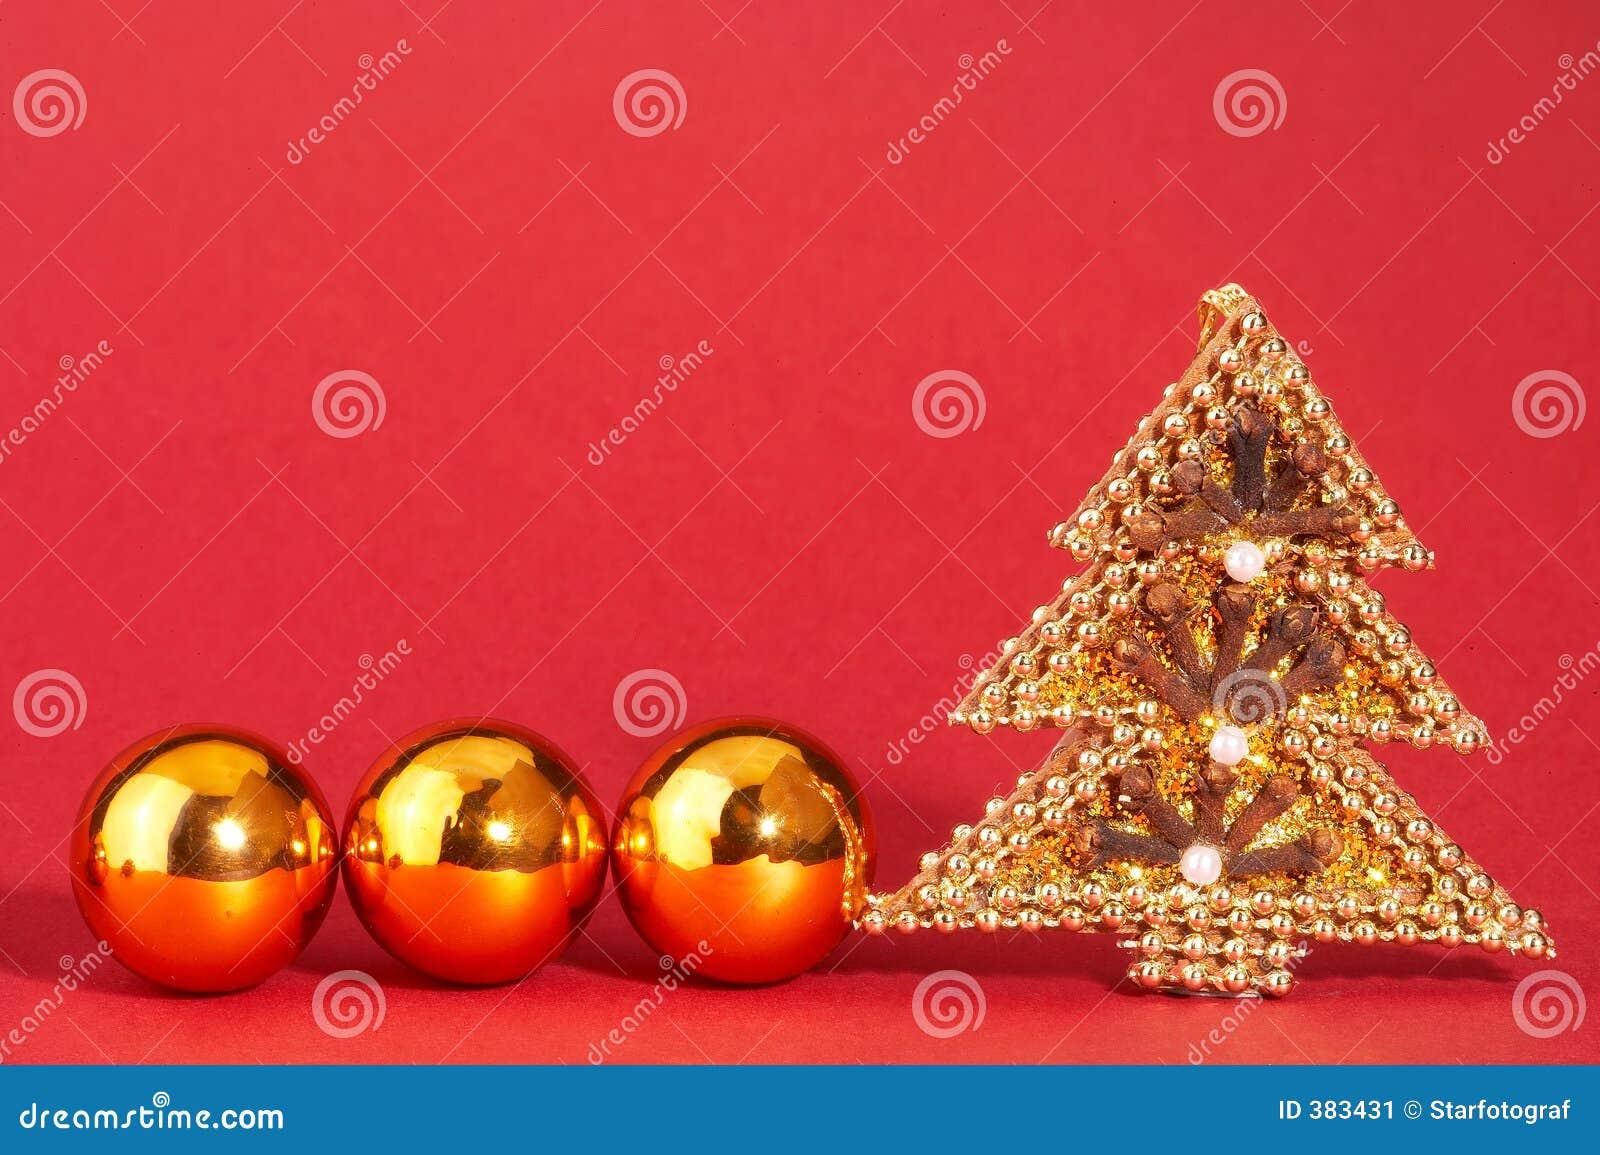 święta bożego goldener złoty mit weihnachtsbaum pearl tree